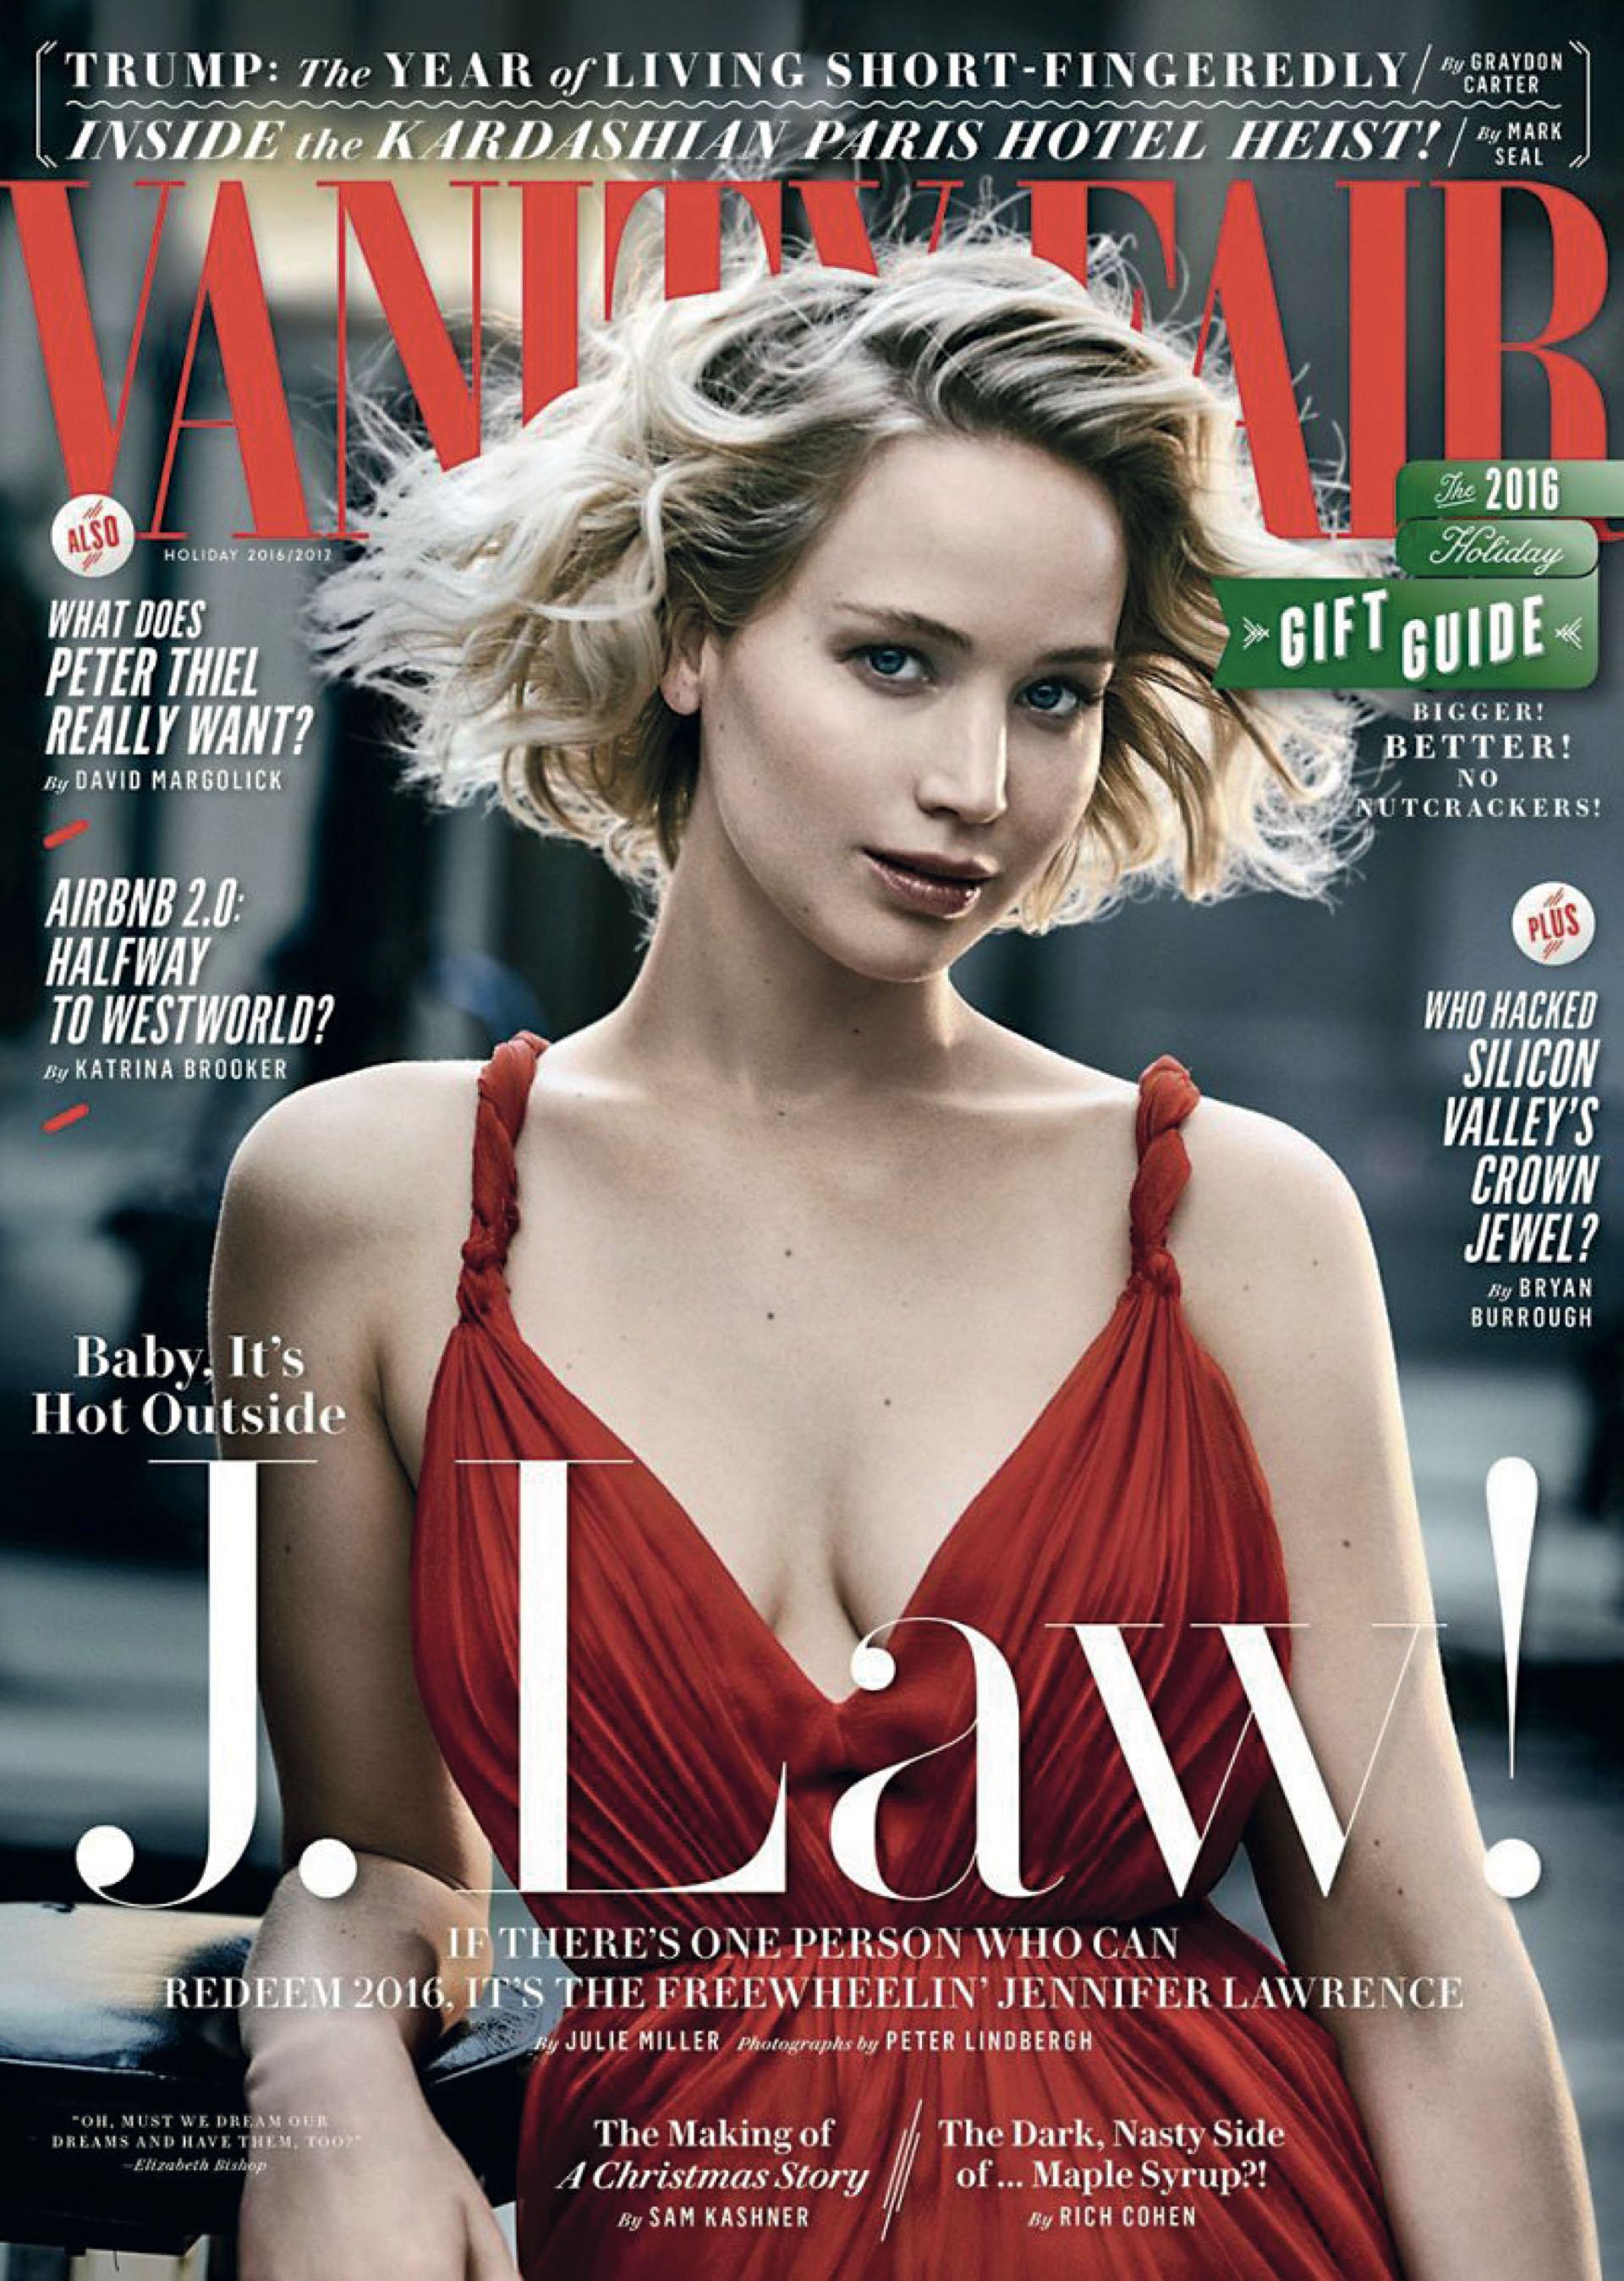 Su belleza y su talento la llevaron a incontables portadas de revistas y campañas de marcas como Dior.